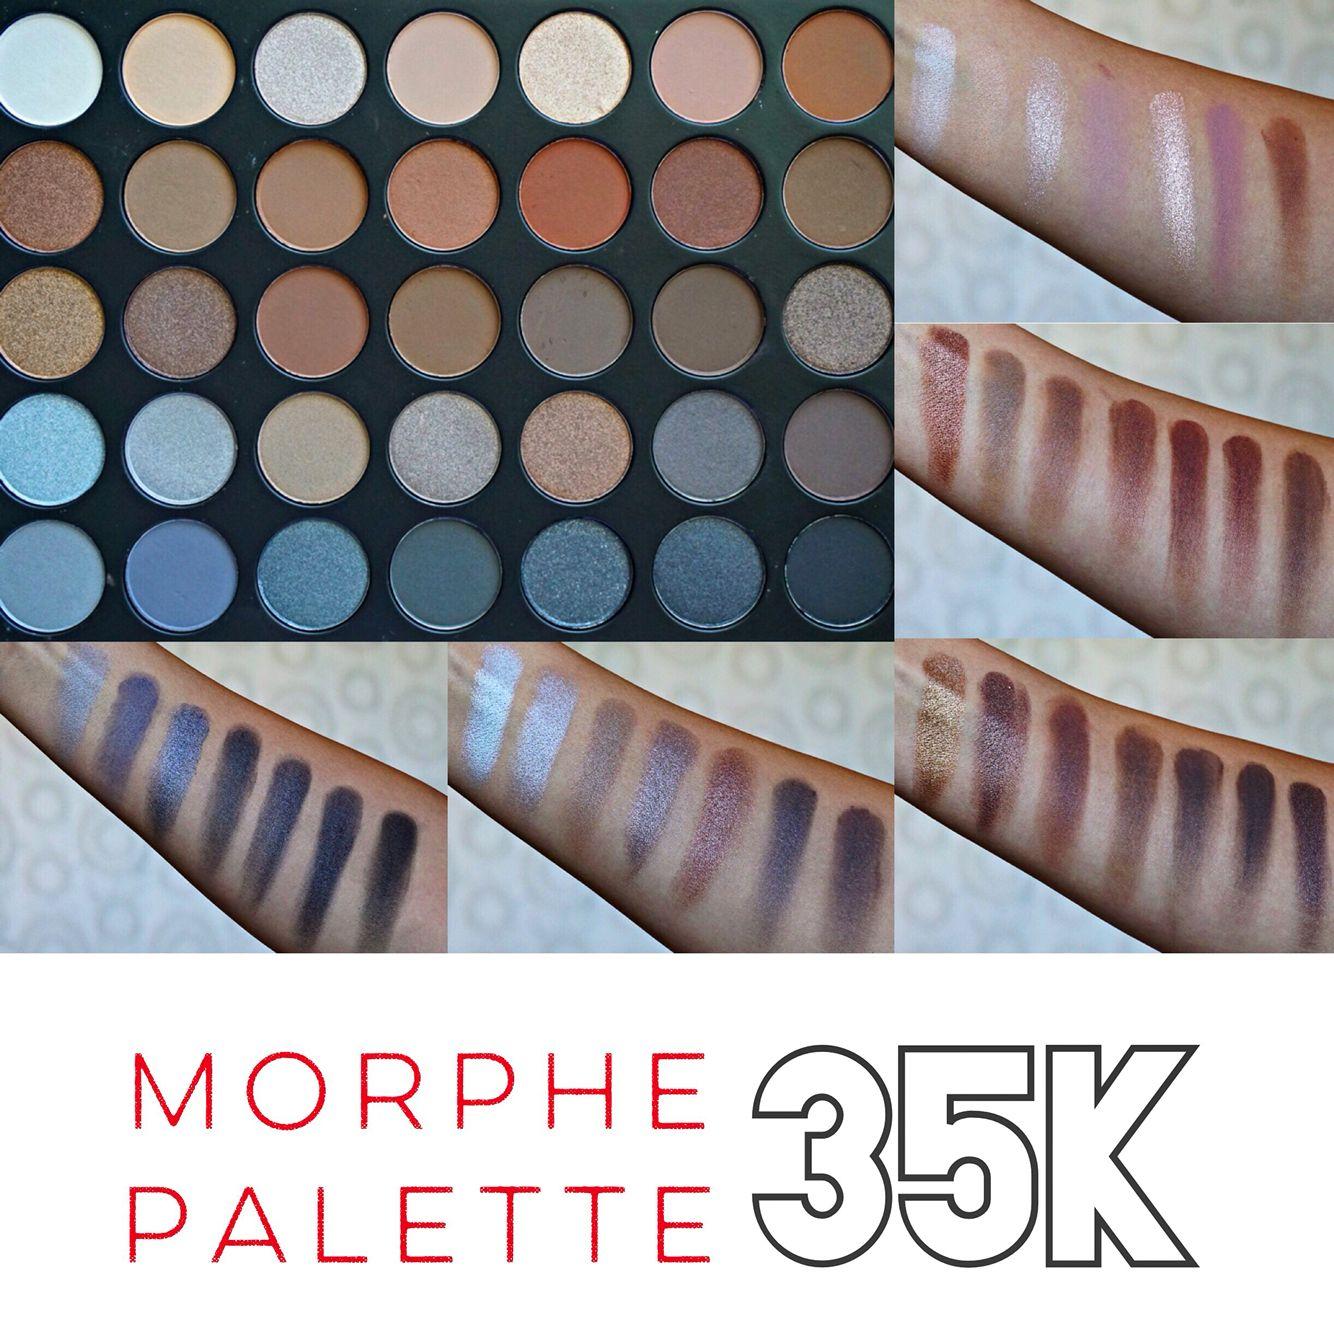 morphe 35t palette tutorial